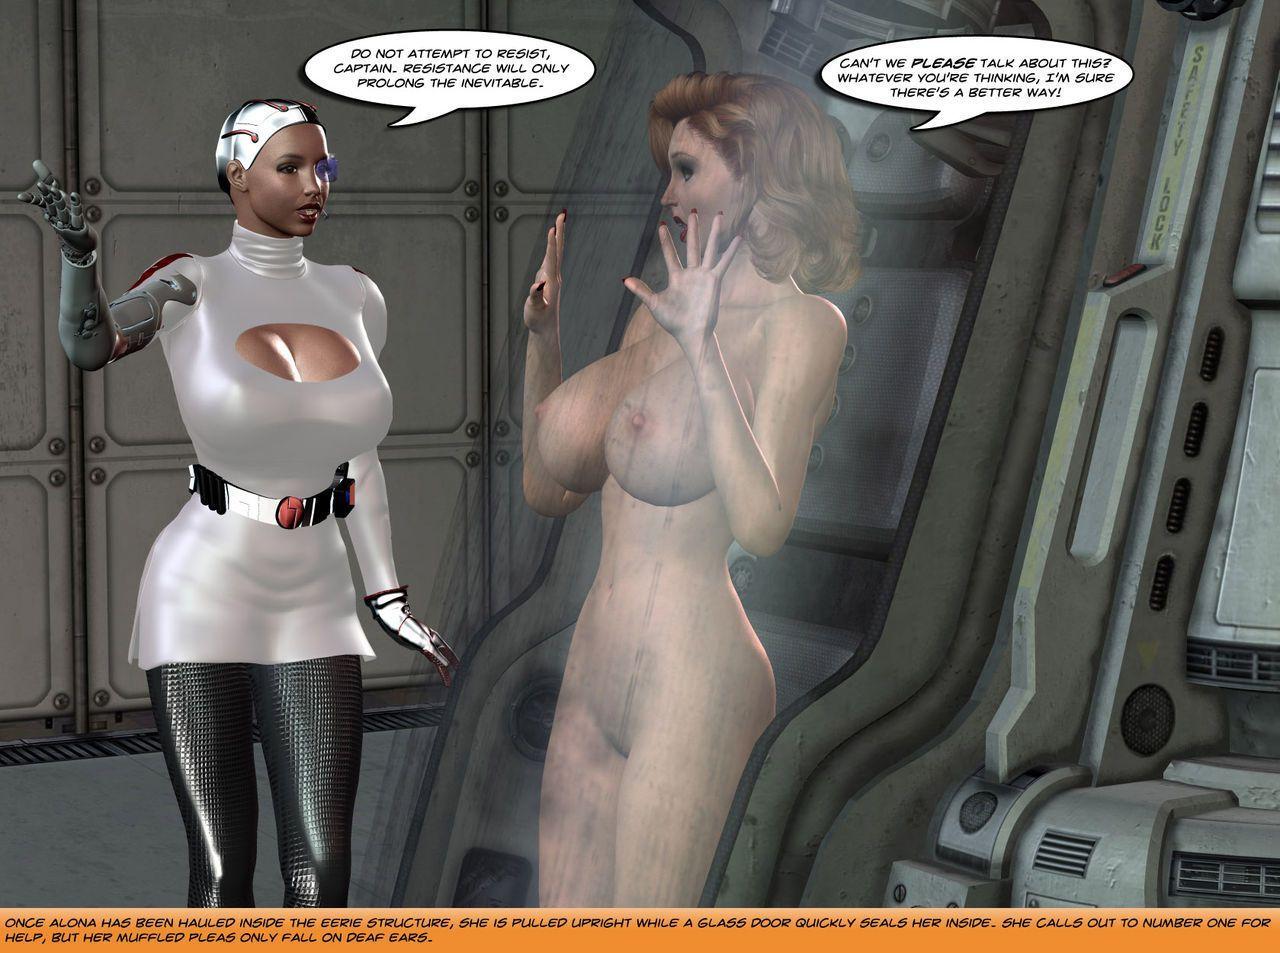 Space Station Venus 1 - 14 - part 4